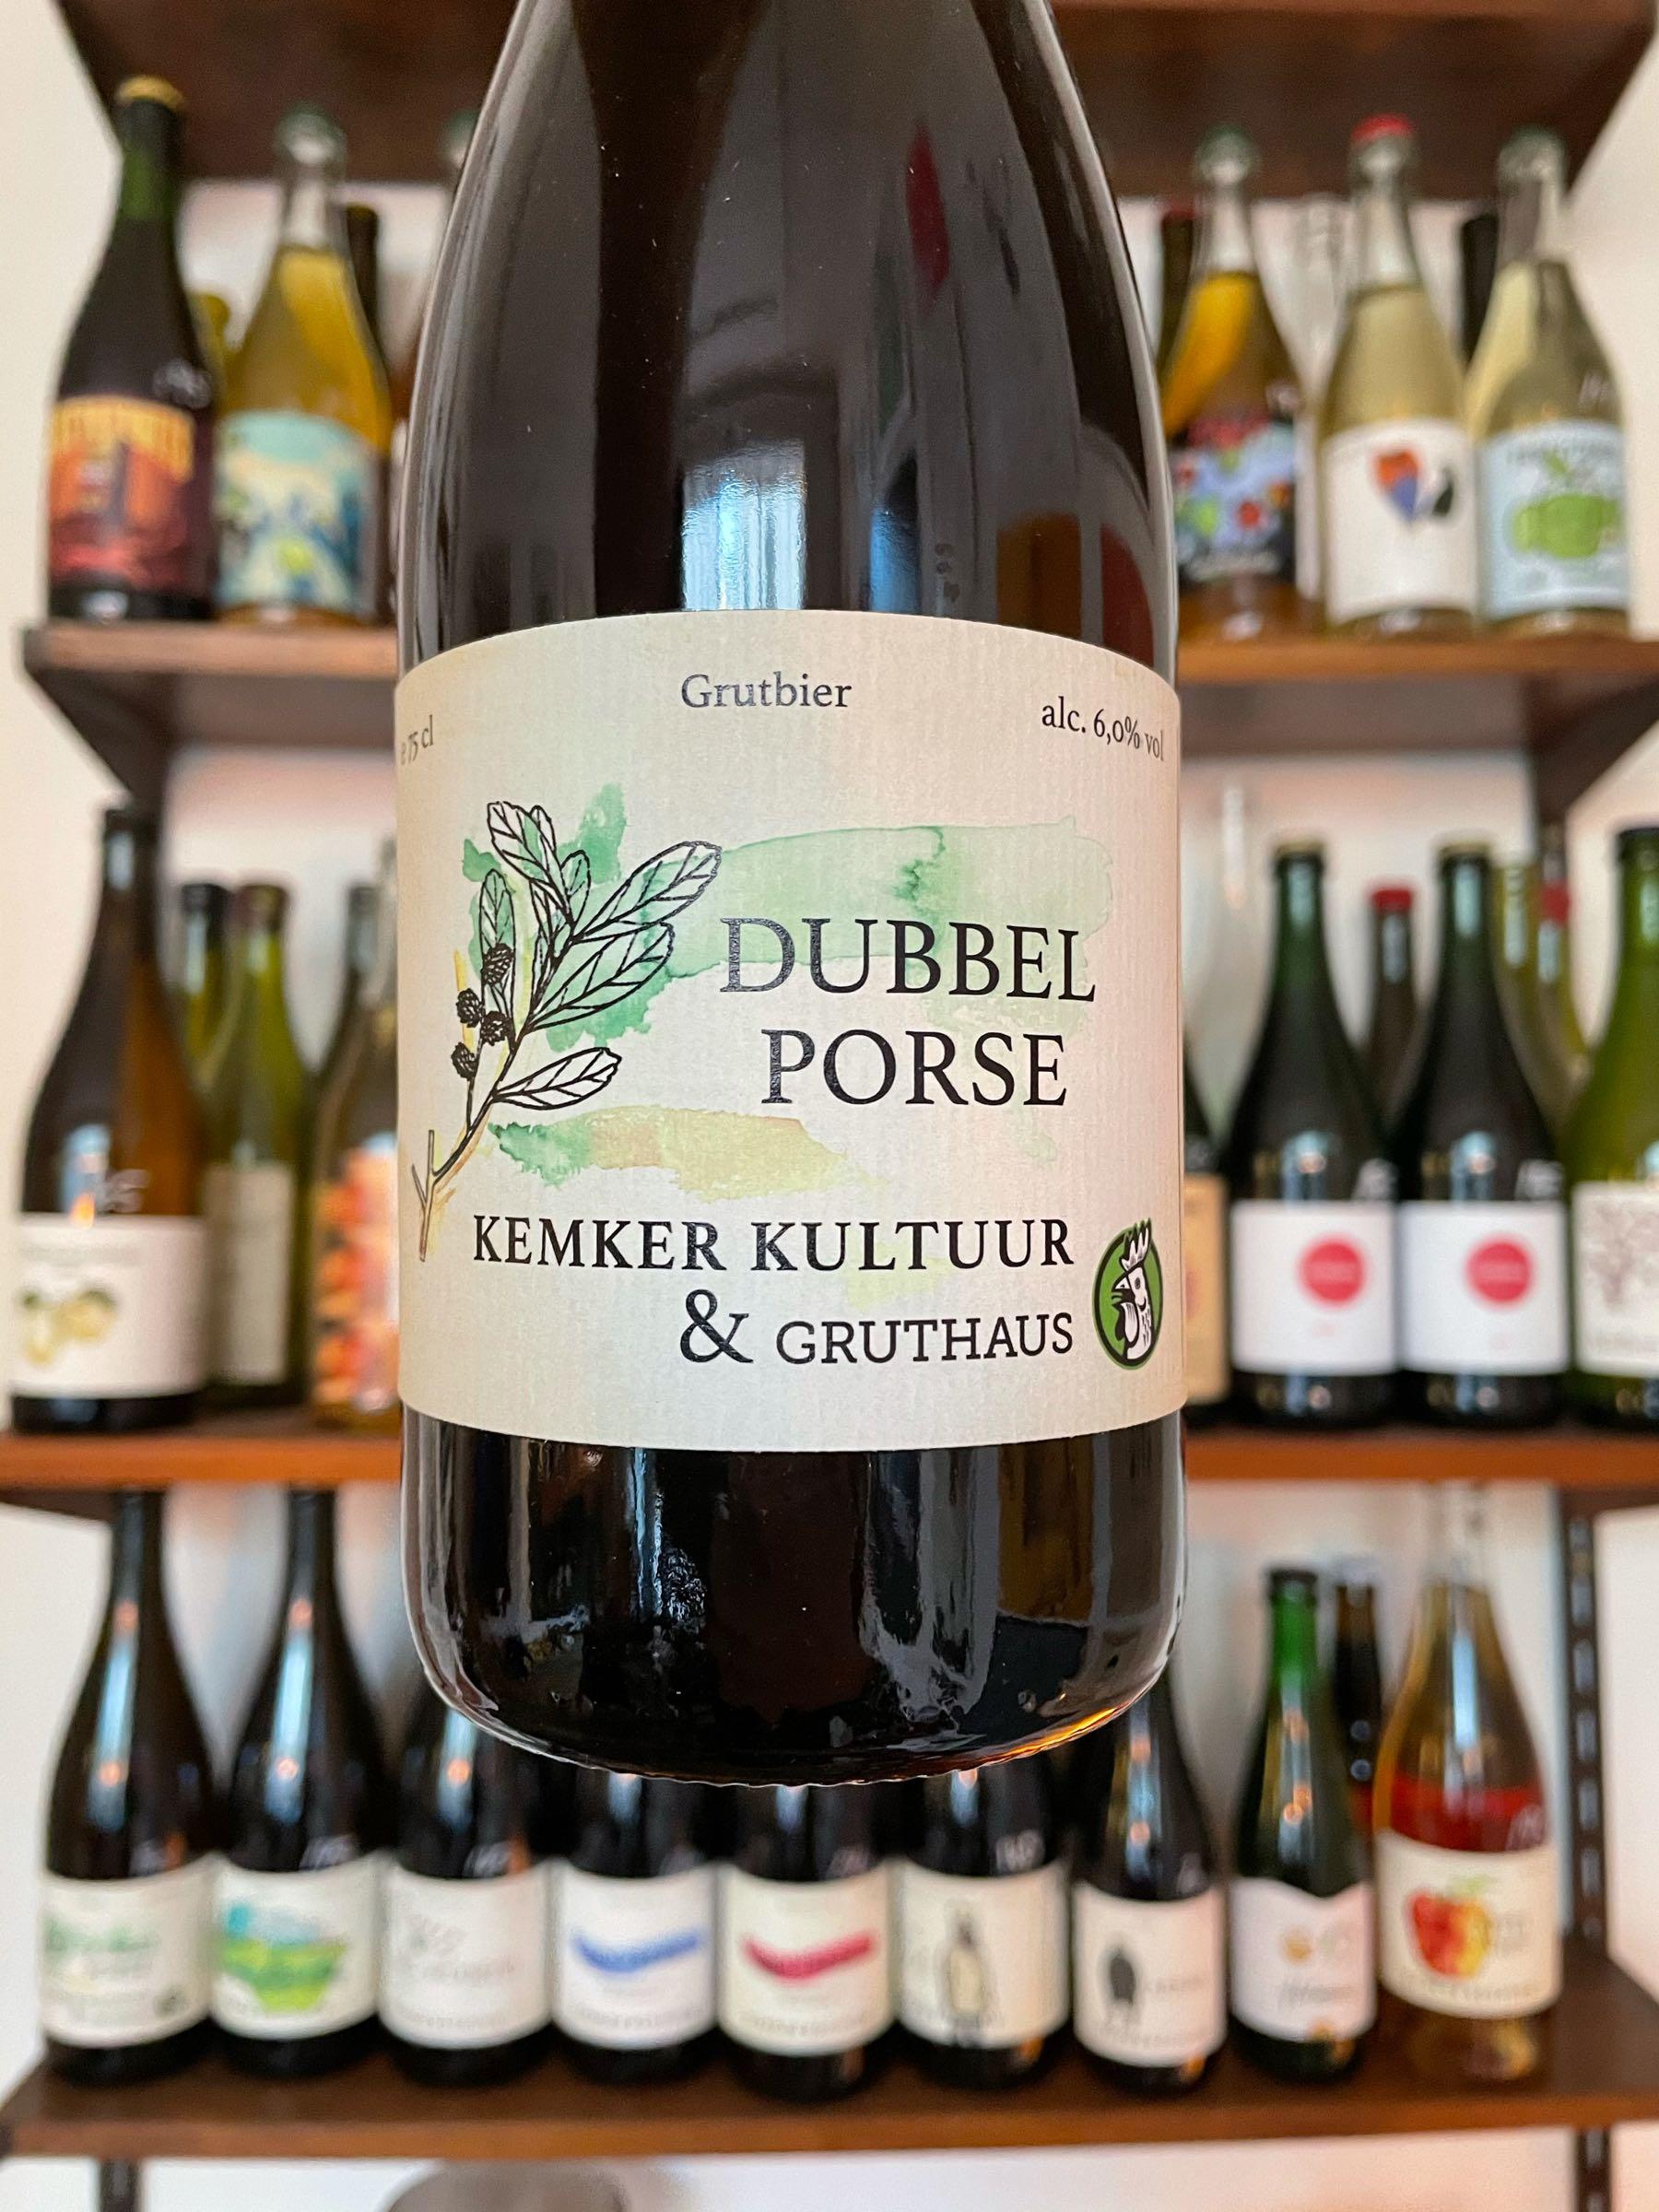 Dubble Porse - Kemker Kultur